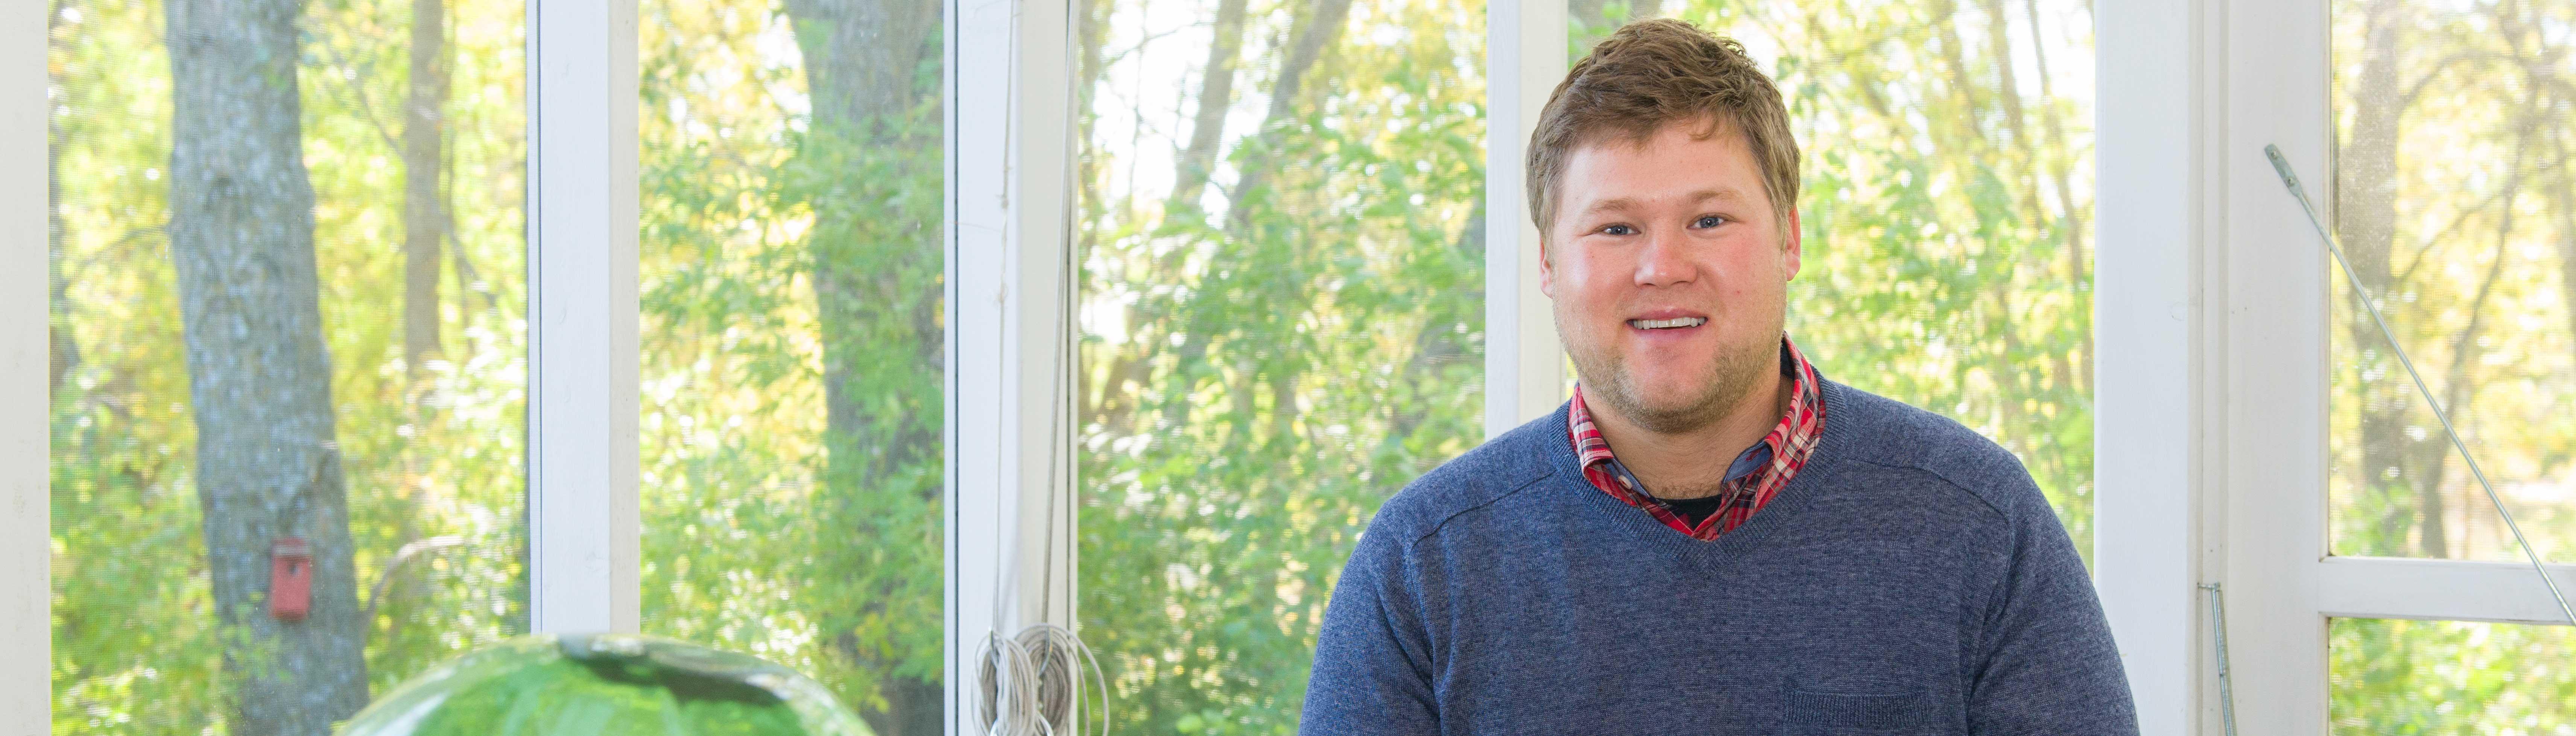 Jon Ingvall